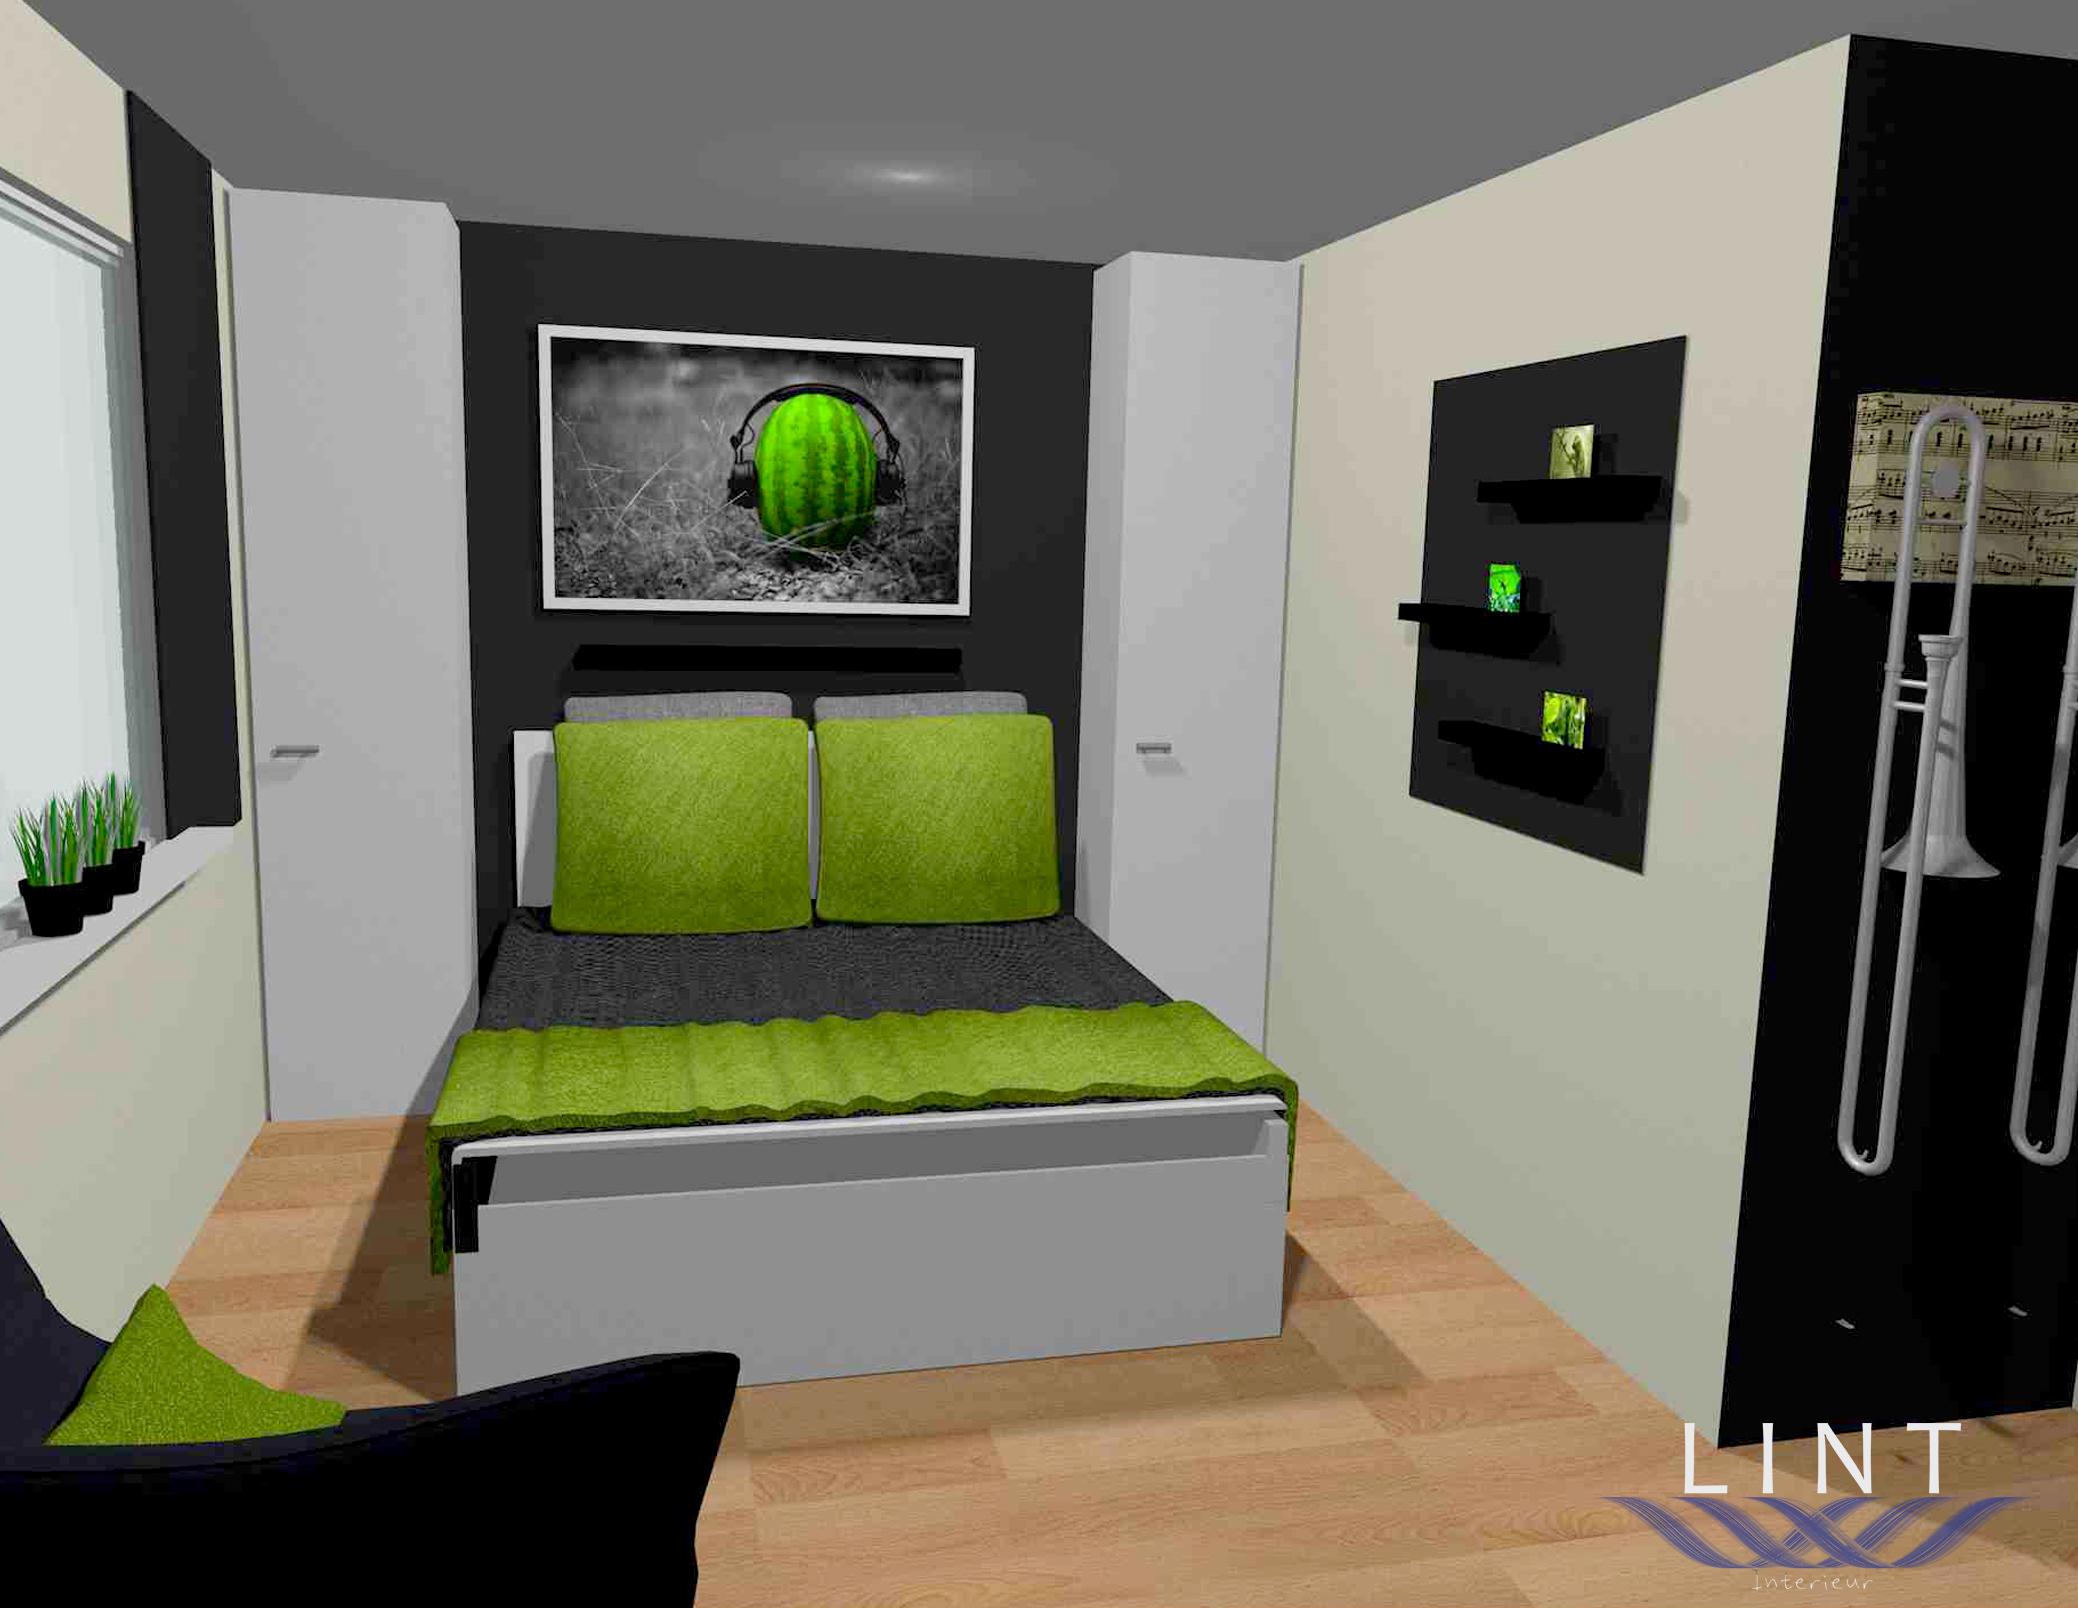 Ideeen voor jongens slaapkamer interieur meubilair idee n - Jongens kamer decoratie ideeen ...